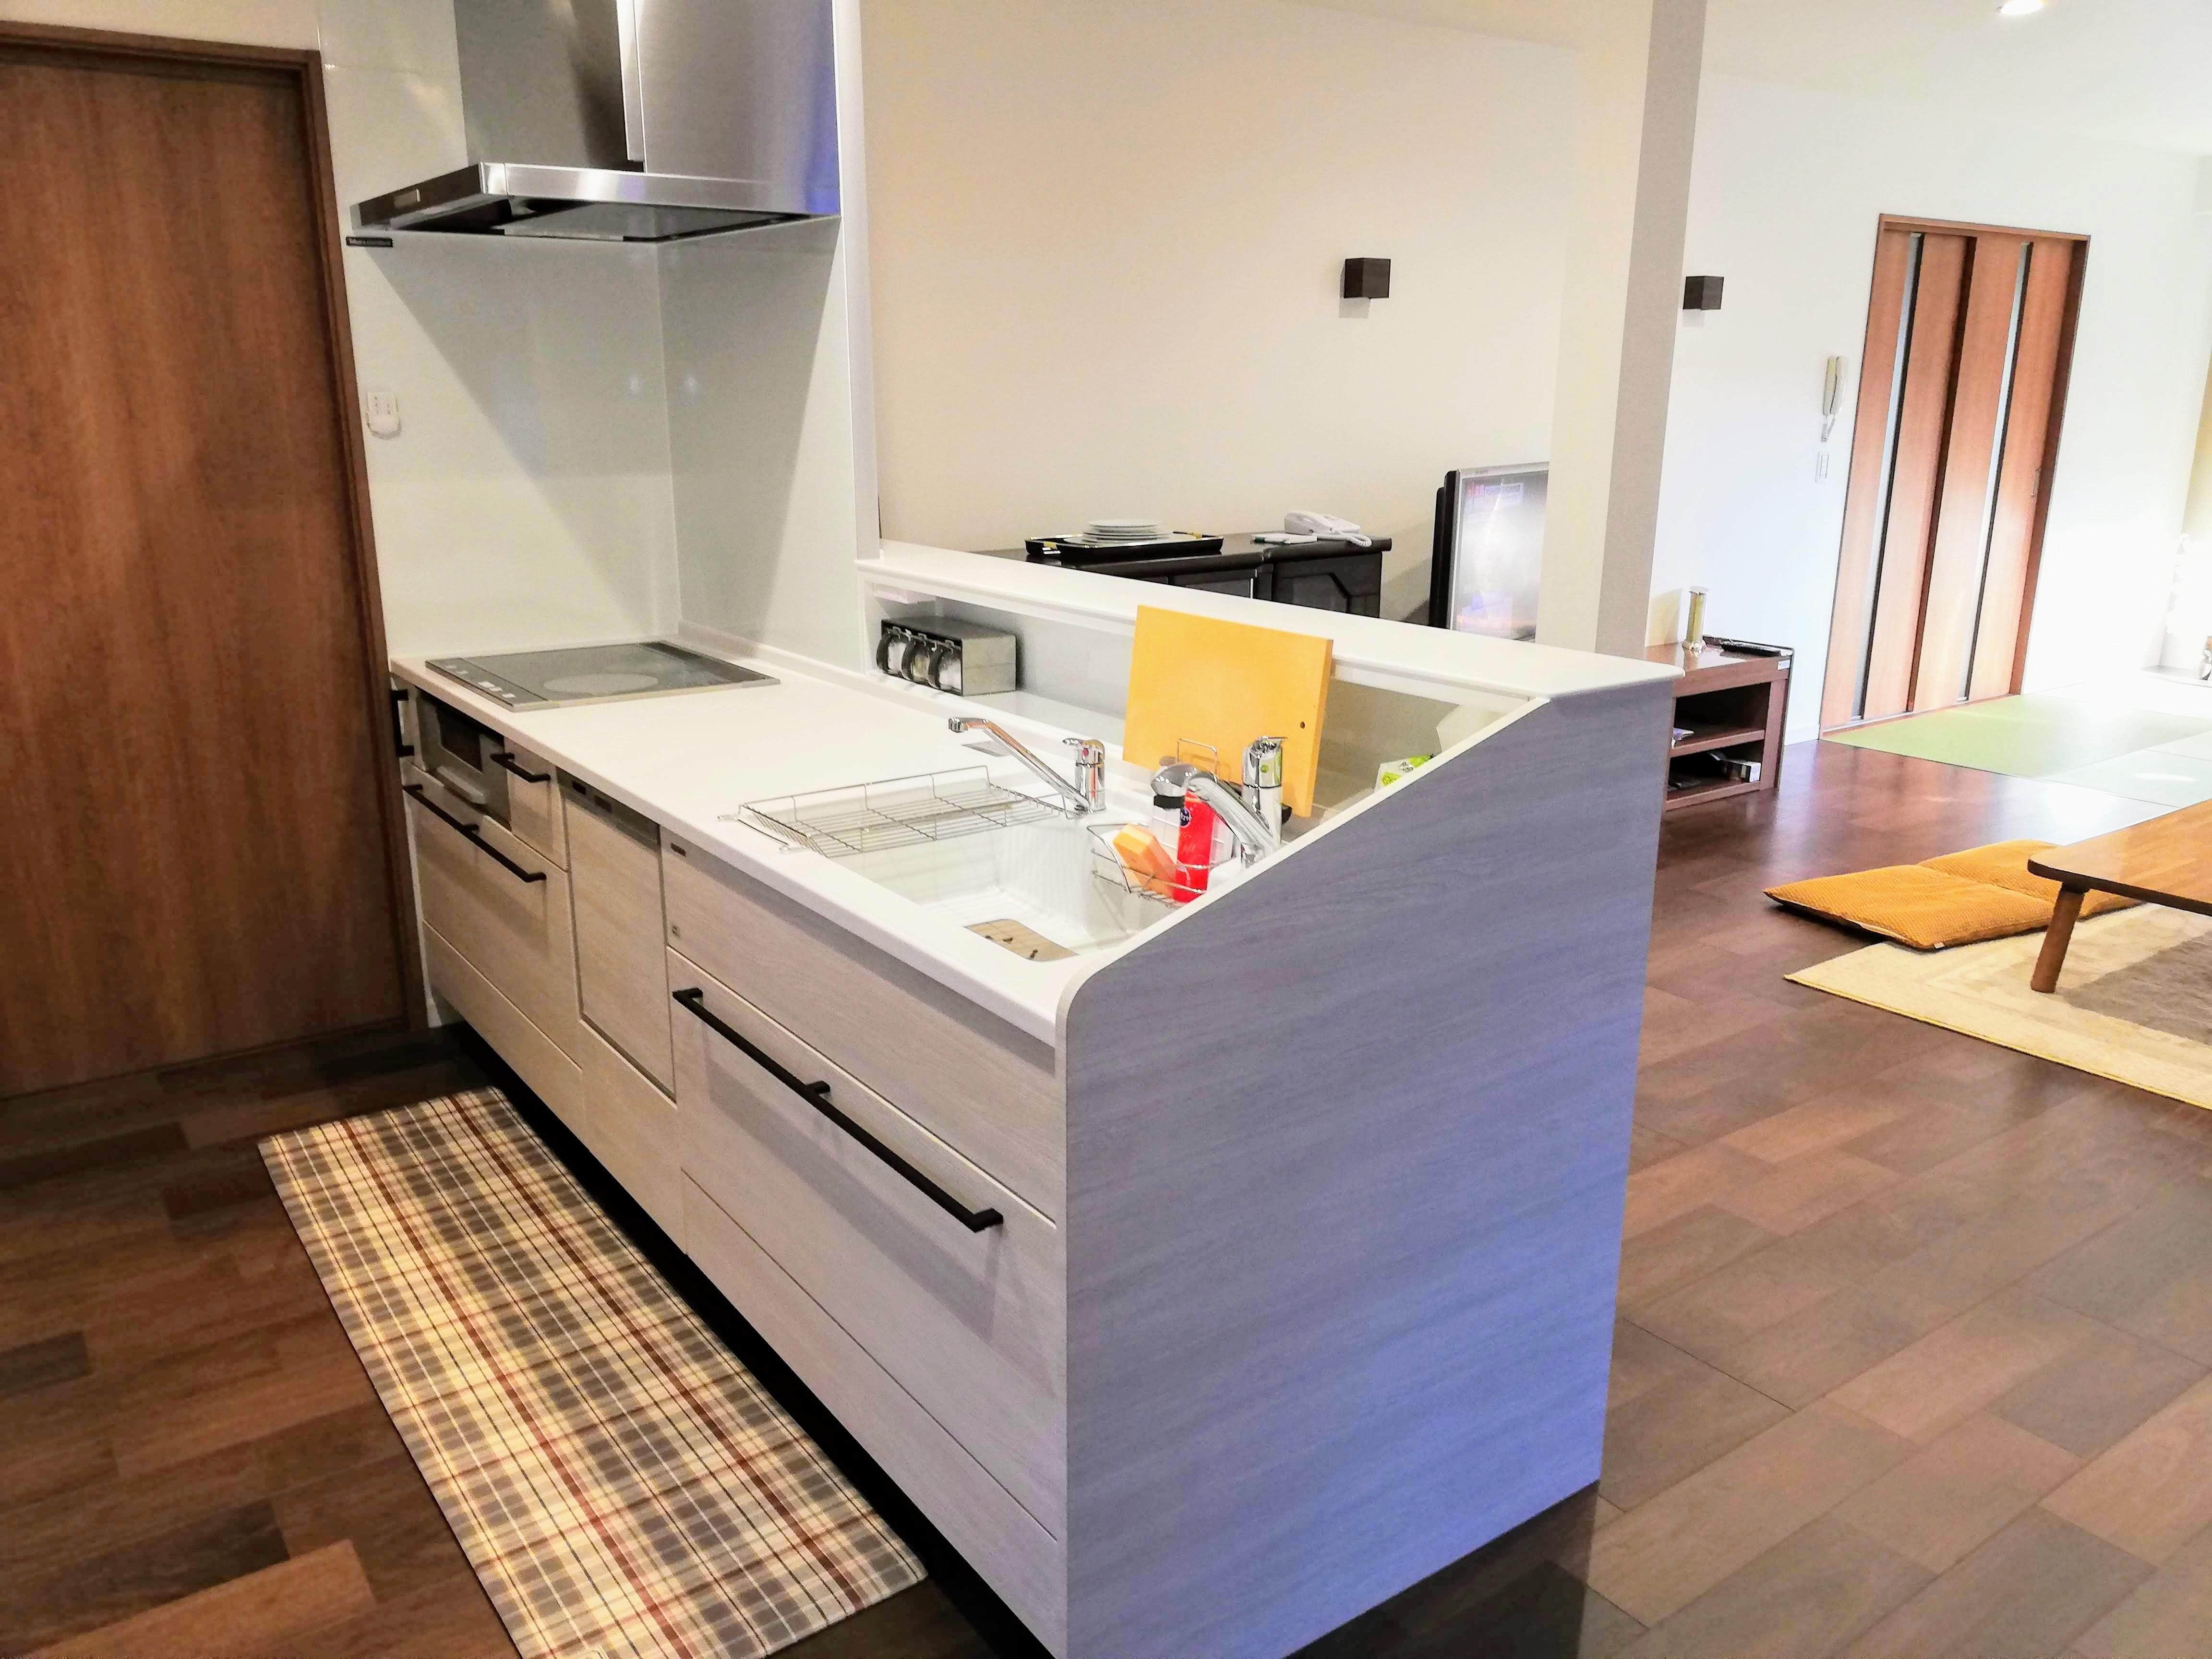 2間続きの和室と台所がリフォームで明るく快適なLDK空間に